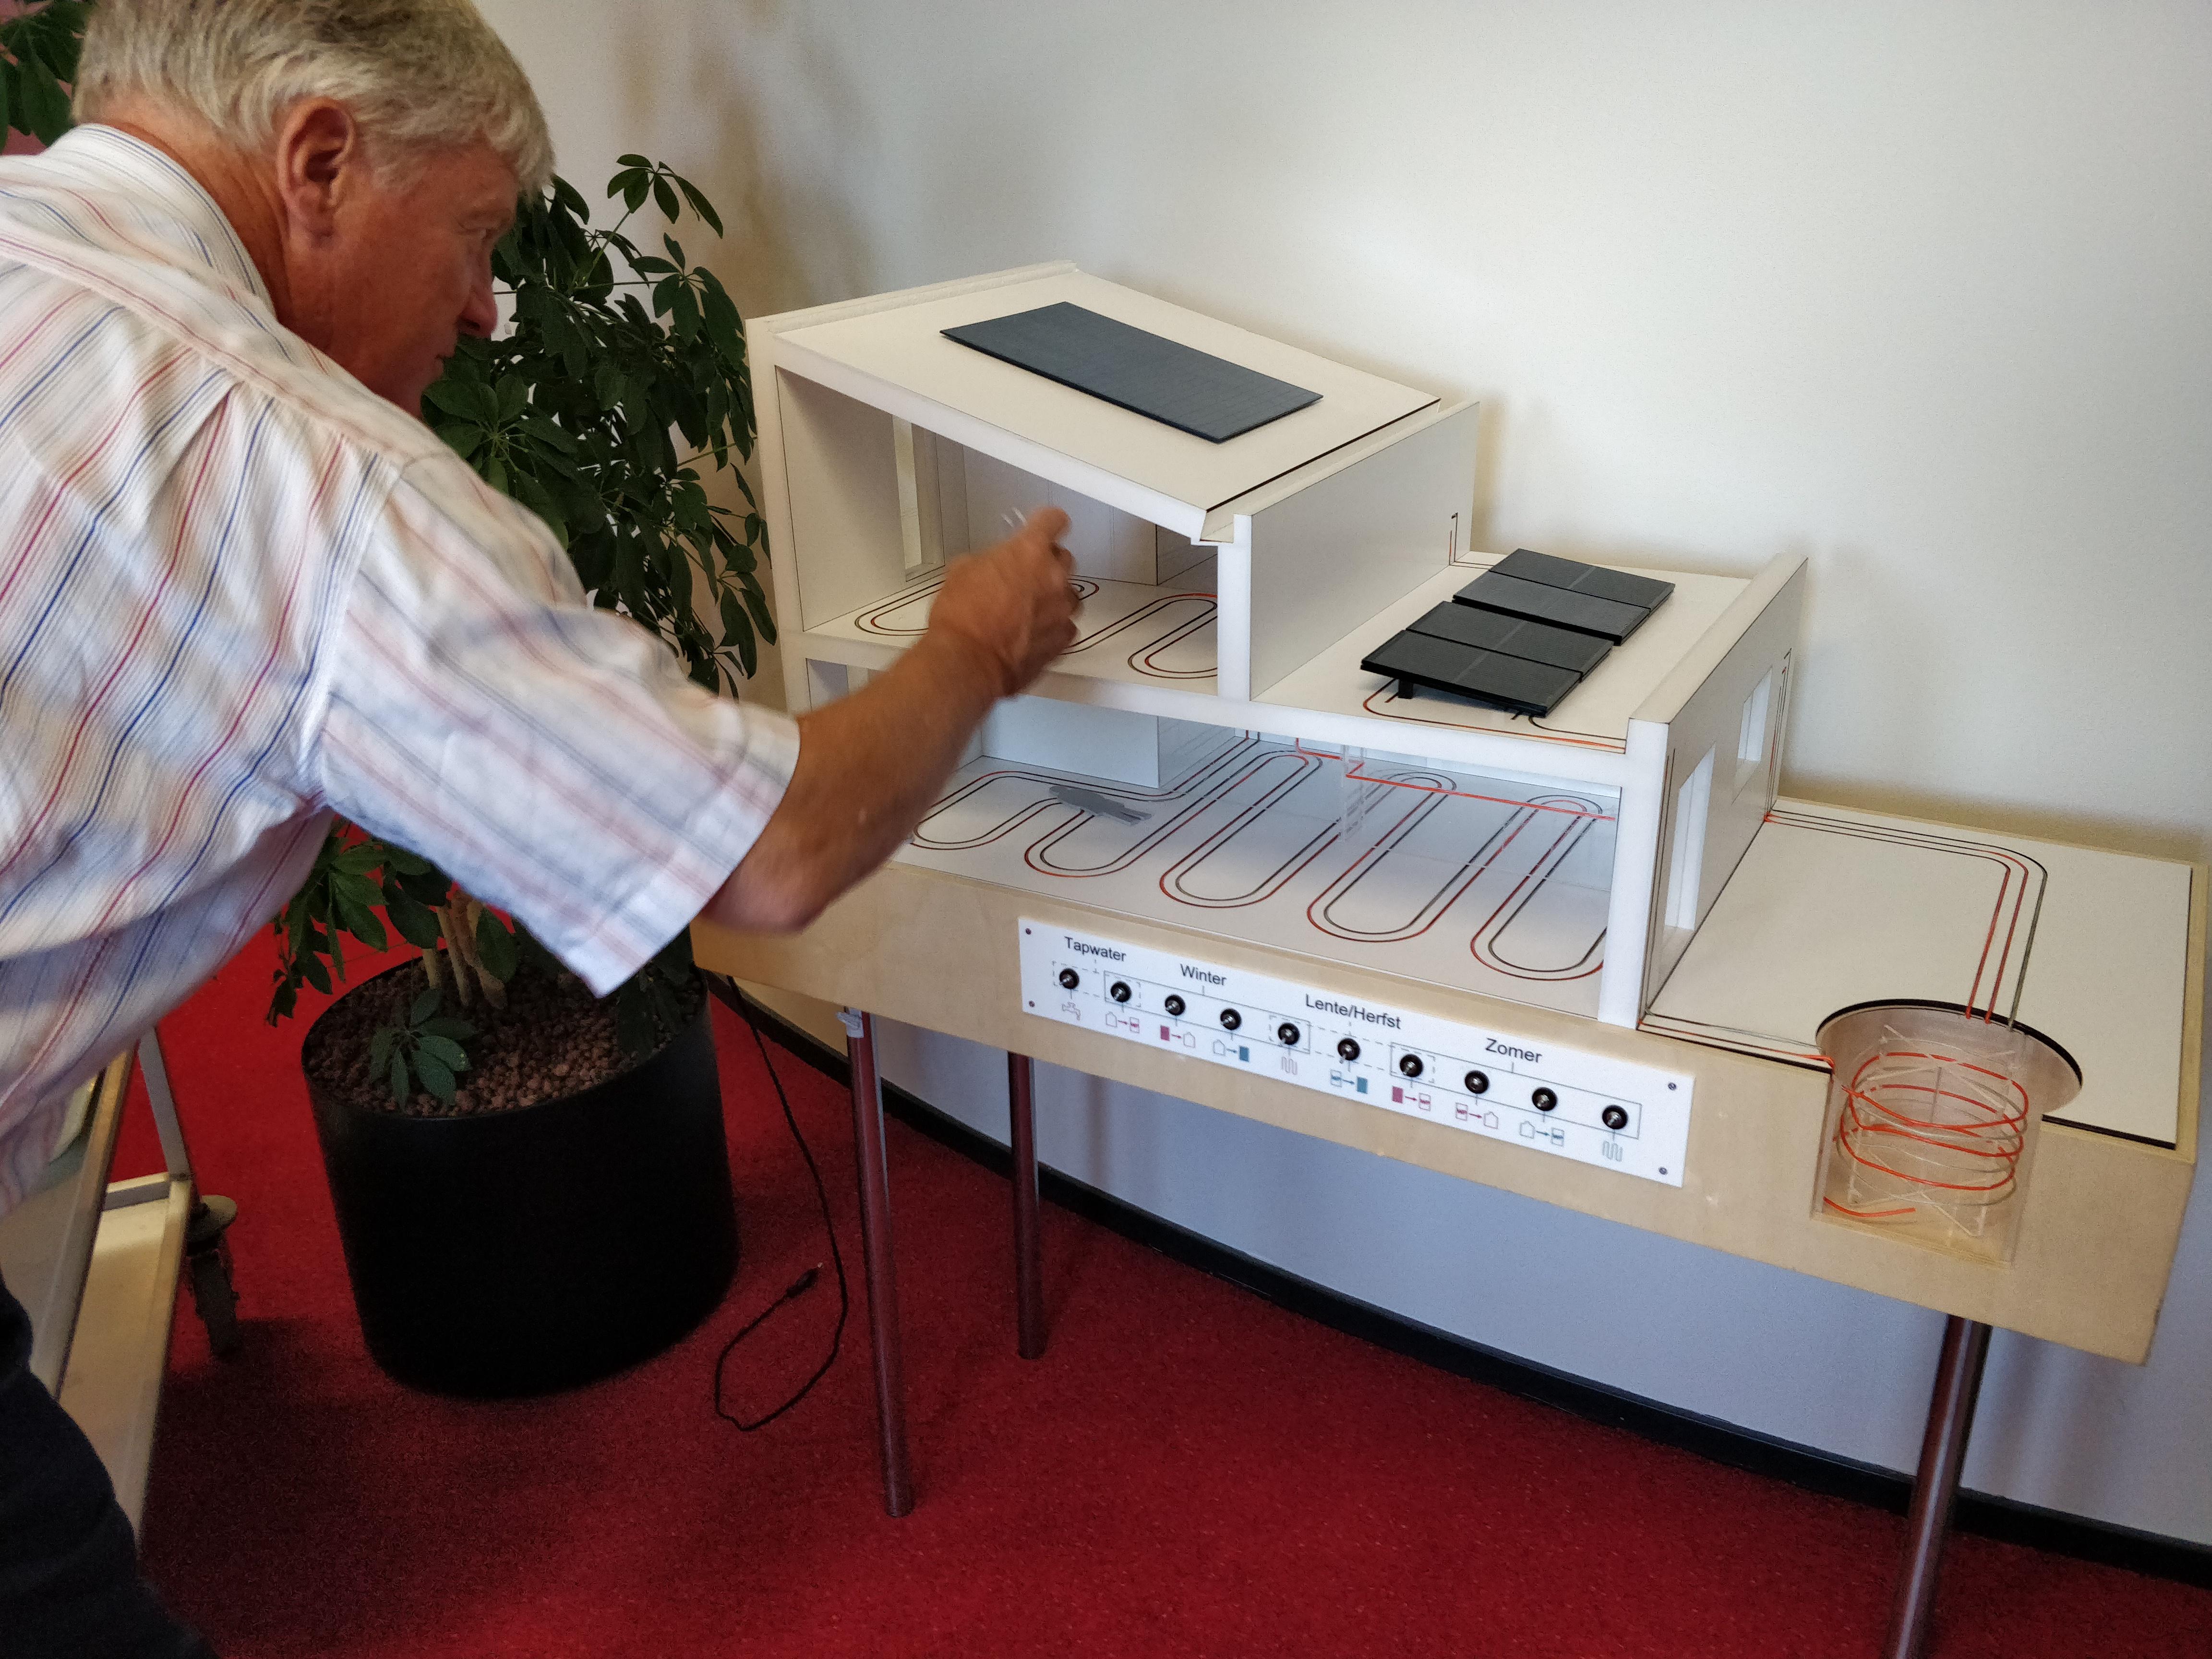 Maarten Sas bij de proefopstelling van de ijsbuffertechnologie in zijn werkkamer.